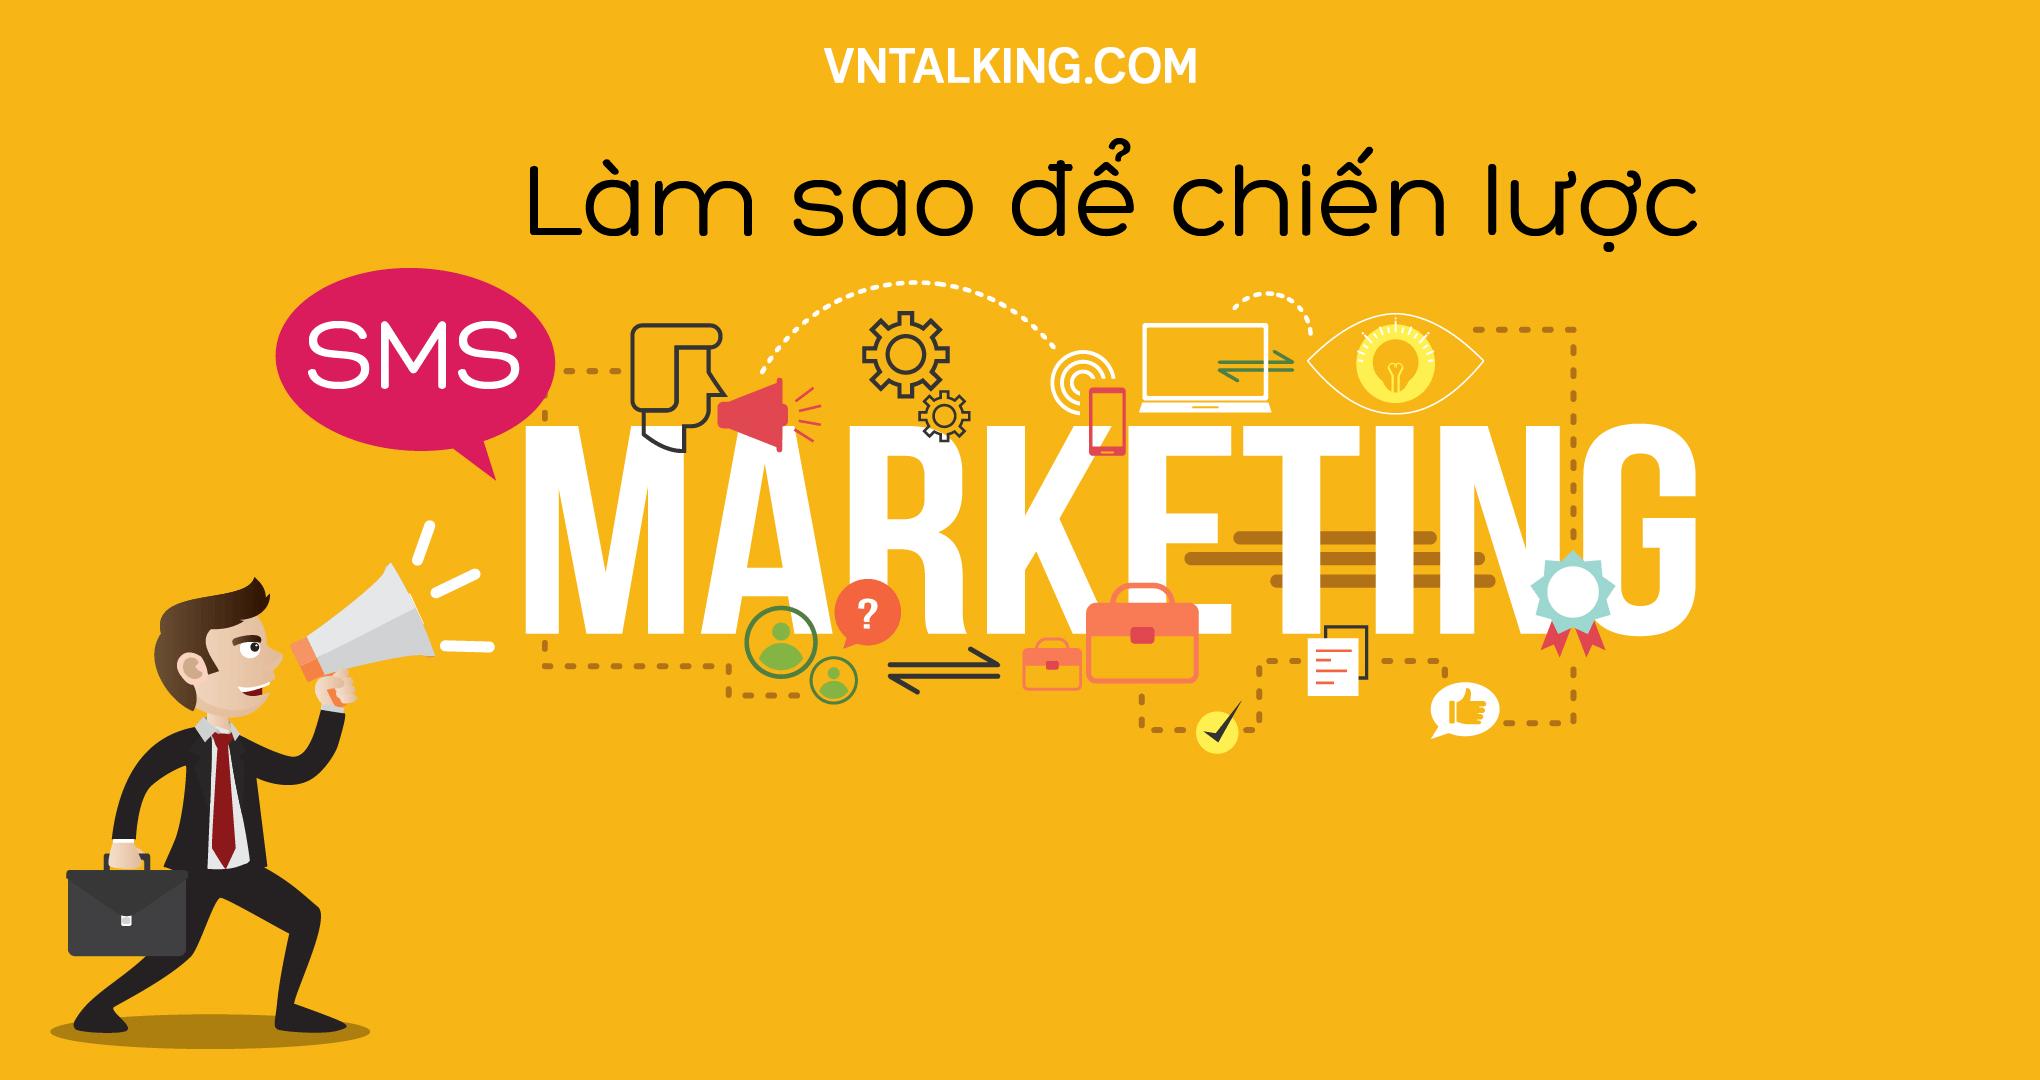 Tại sao lại cần chiến lược marketing ứng dụng